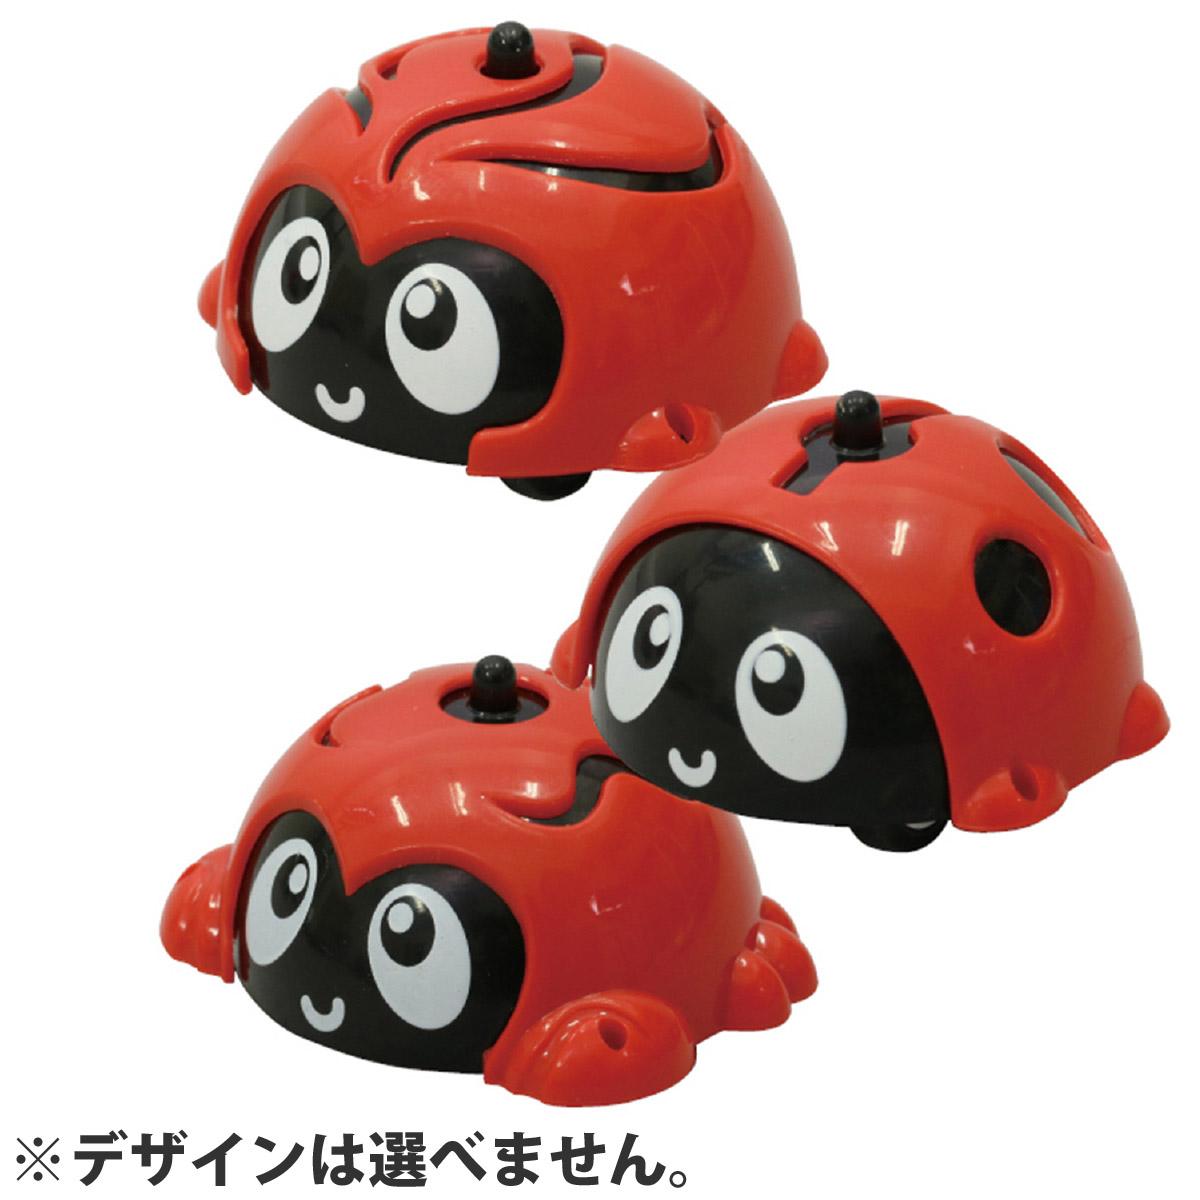 車 おもちゃ ぐるぐるダッシュ てんとう虫 1個 幼児 玩具 幼児 1歳 2歳 形は選べません クリスマスプレゼント